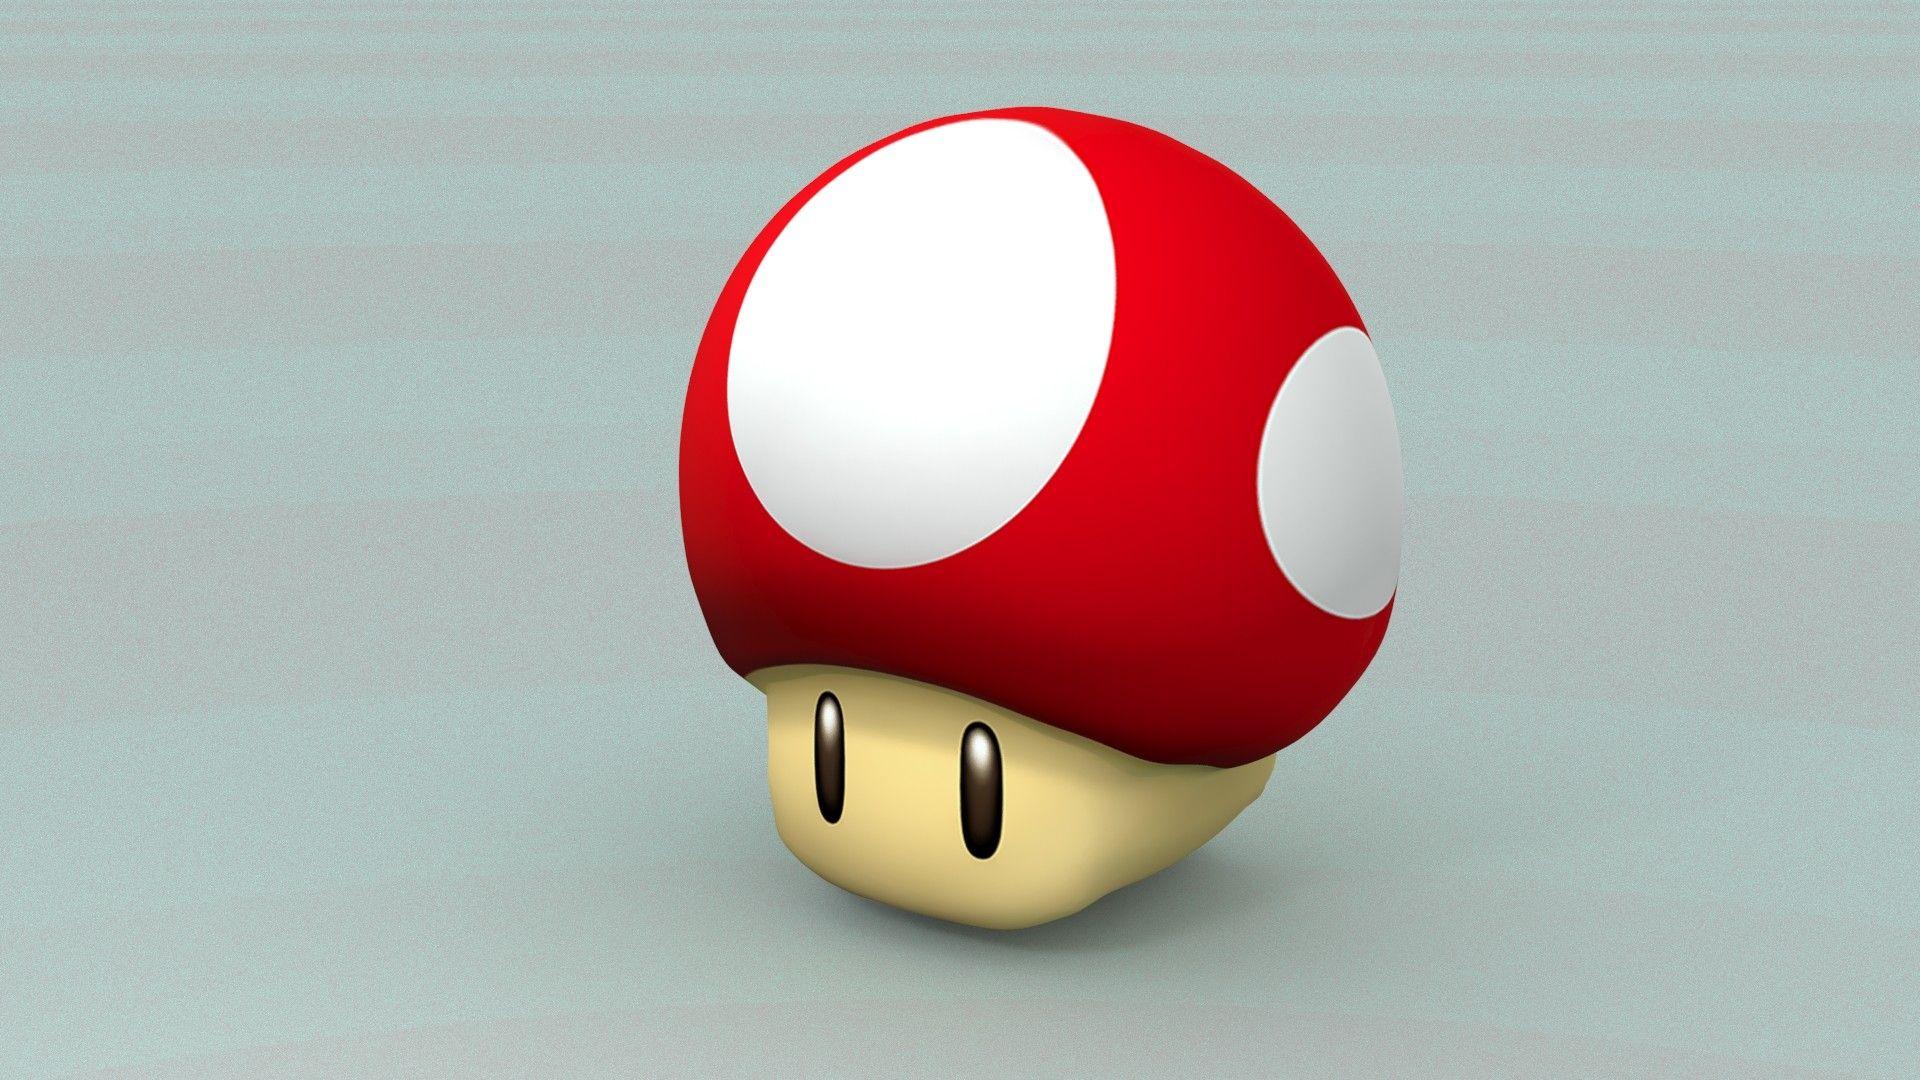 3d mario mushroom wallpaper 74156